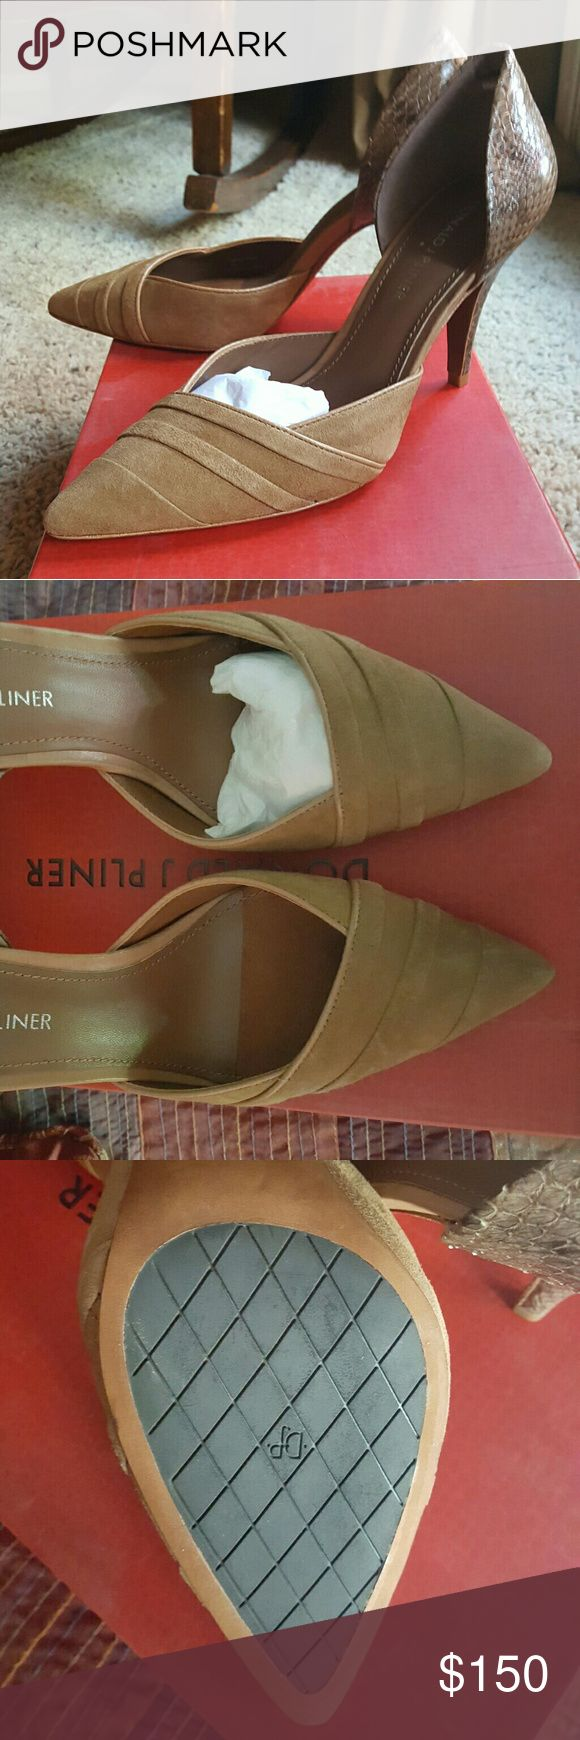 Donald J Pliner Ladies Shoe Tryna-ksus 7 Camel/Sand Kidd Suede/Snake Print Donald J. Pliner Shoes Heels